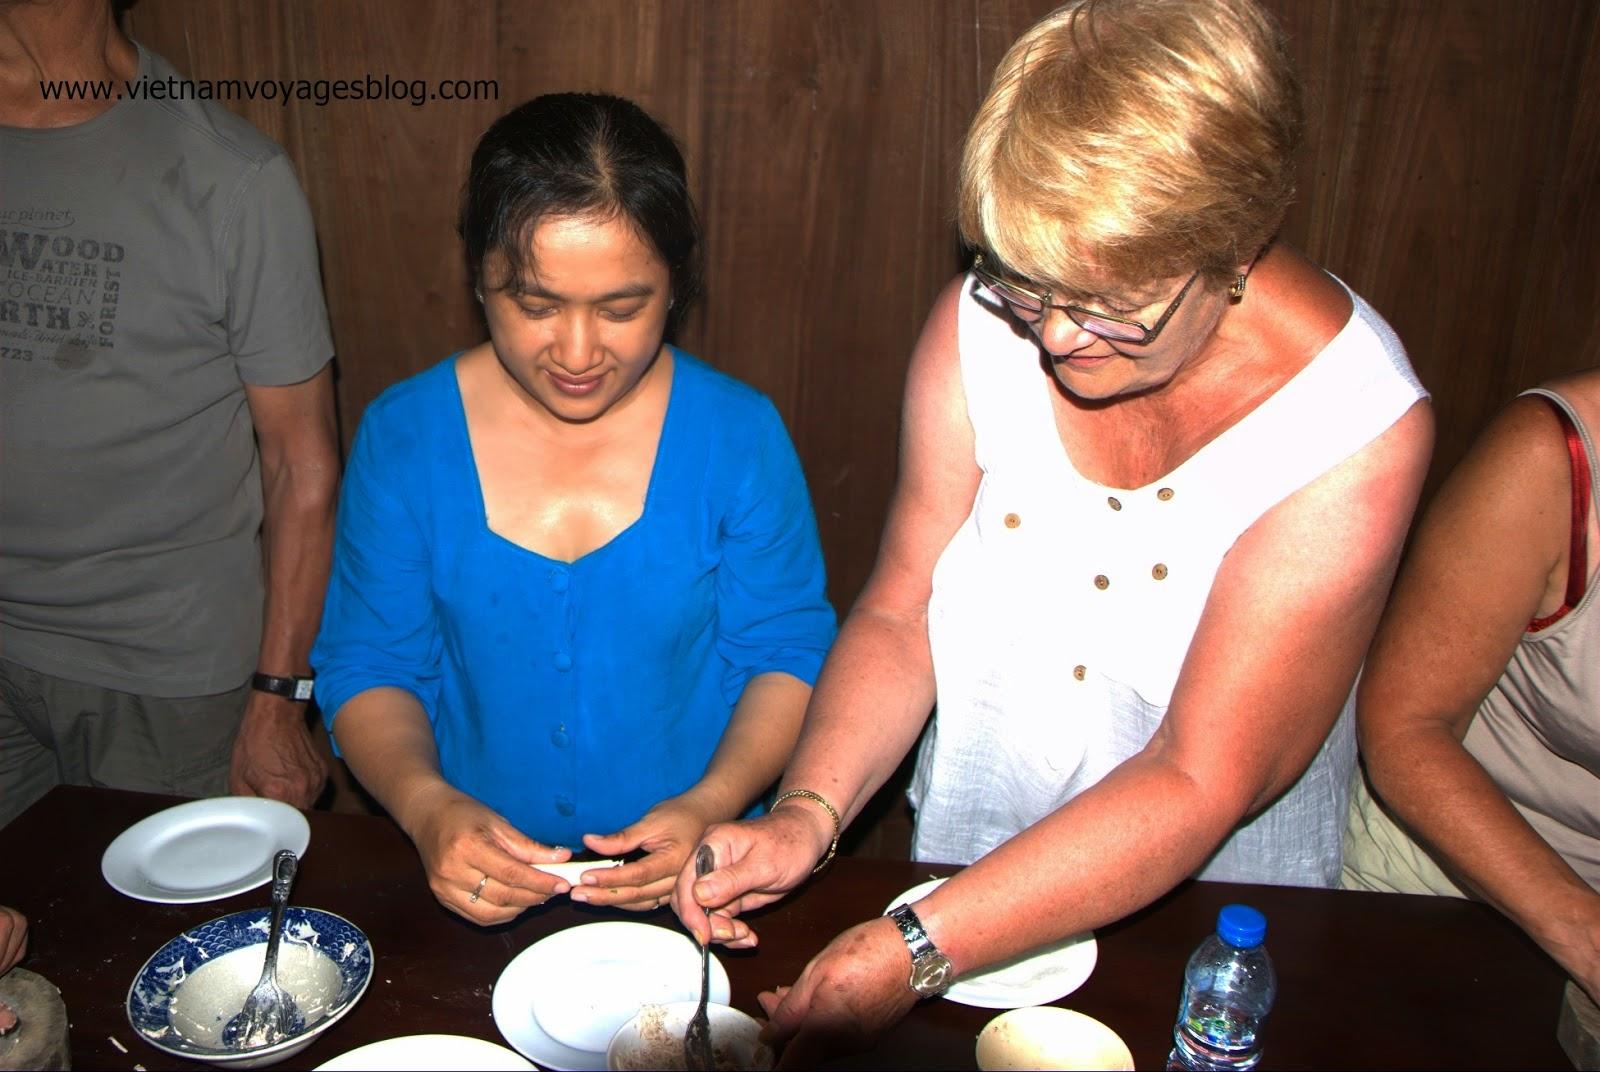 Du lịch học nấu ăn, cách hiệu quả nhất để giao lưu văn hóa ẩm thực